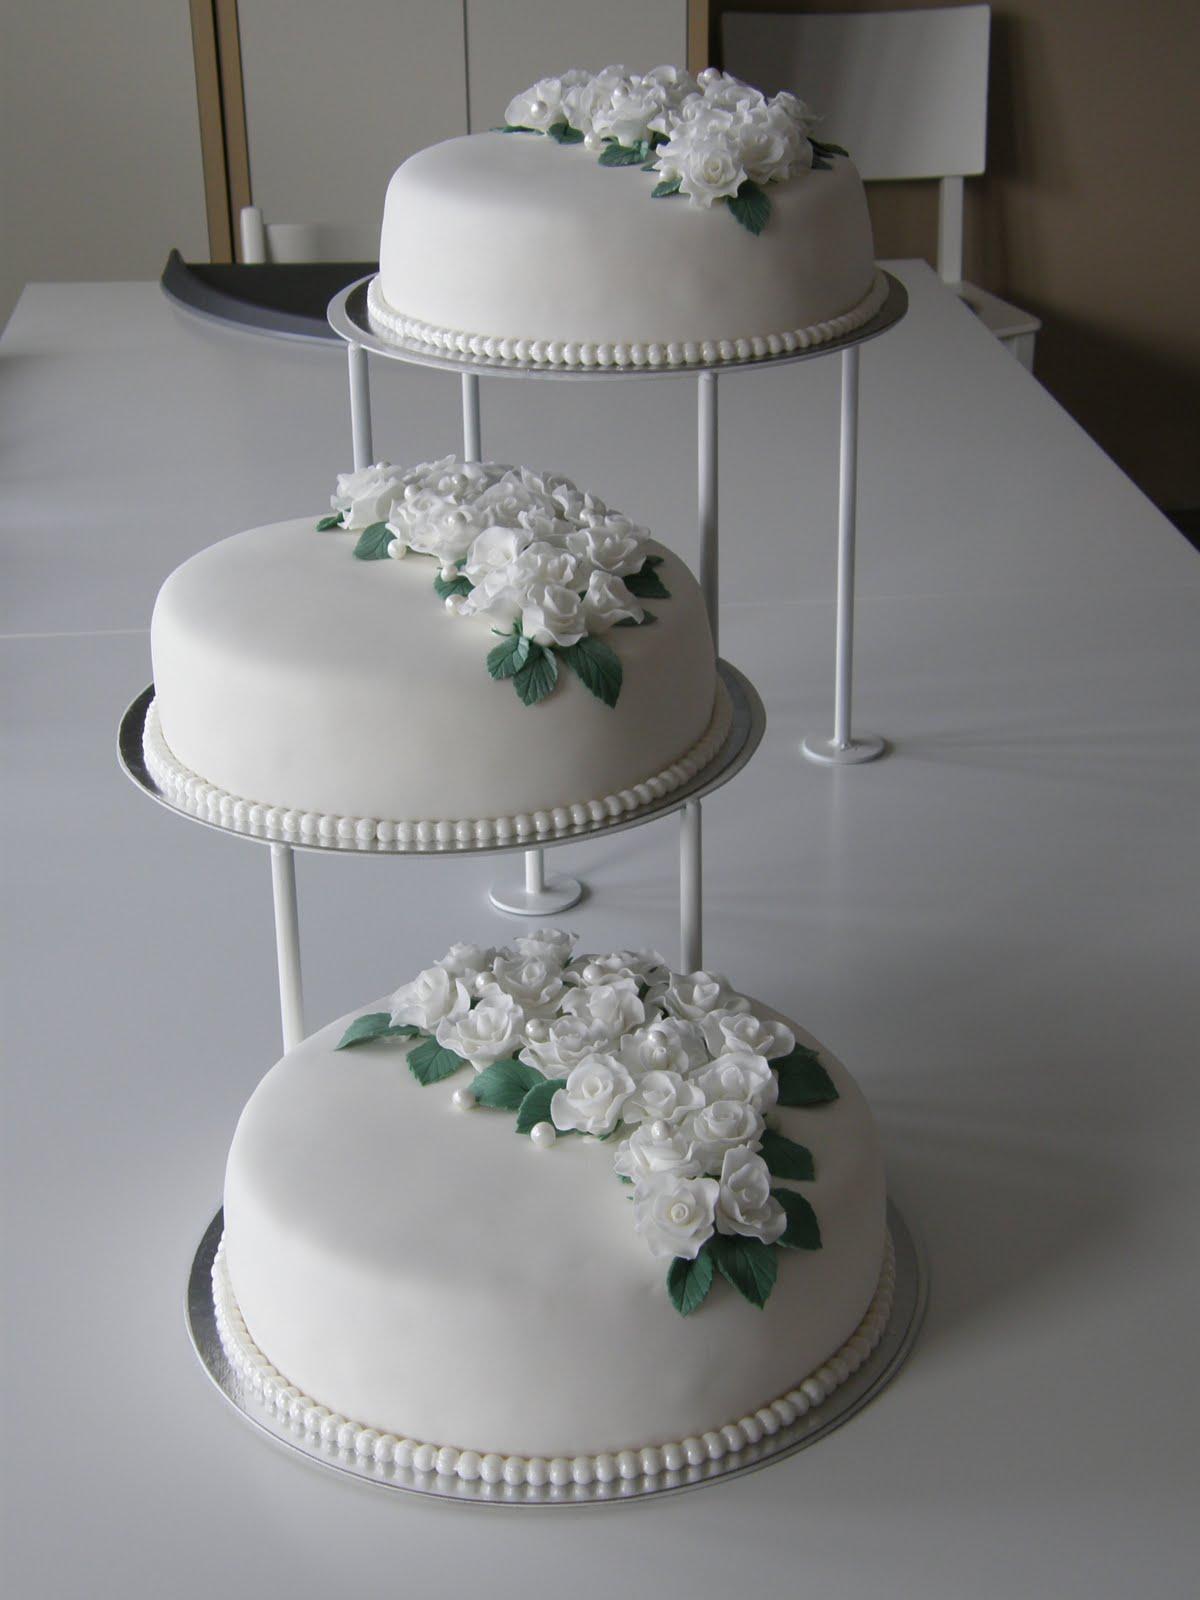 dekoration till bröllopstårta